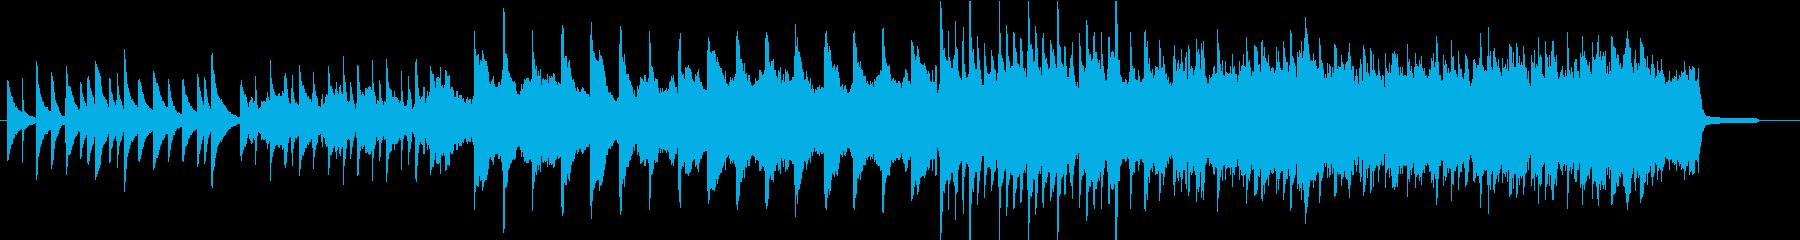 バージンロードを歩く花嫁をイメージした曲の再生済みの波形